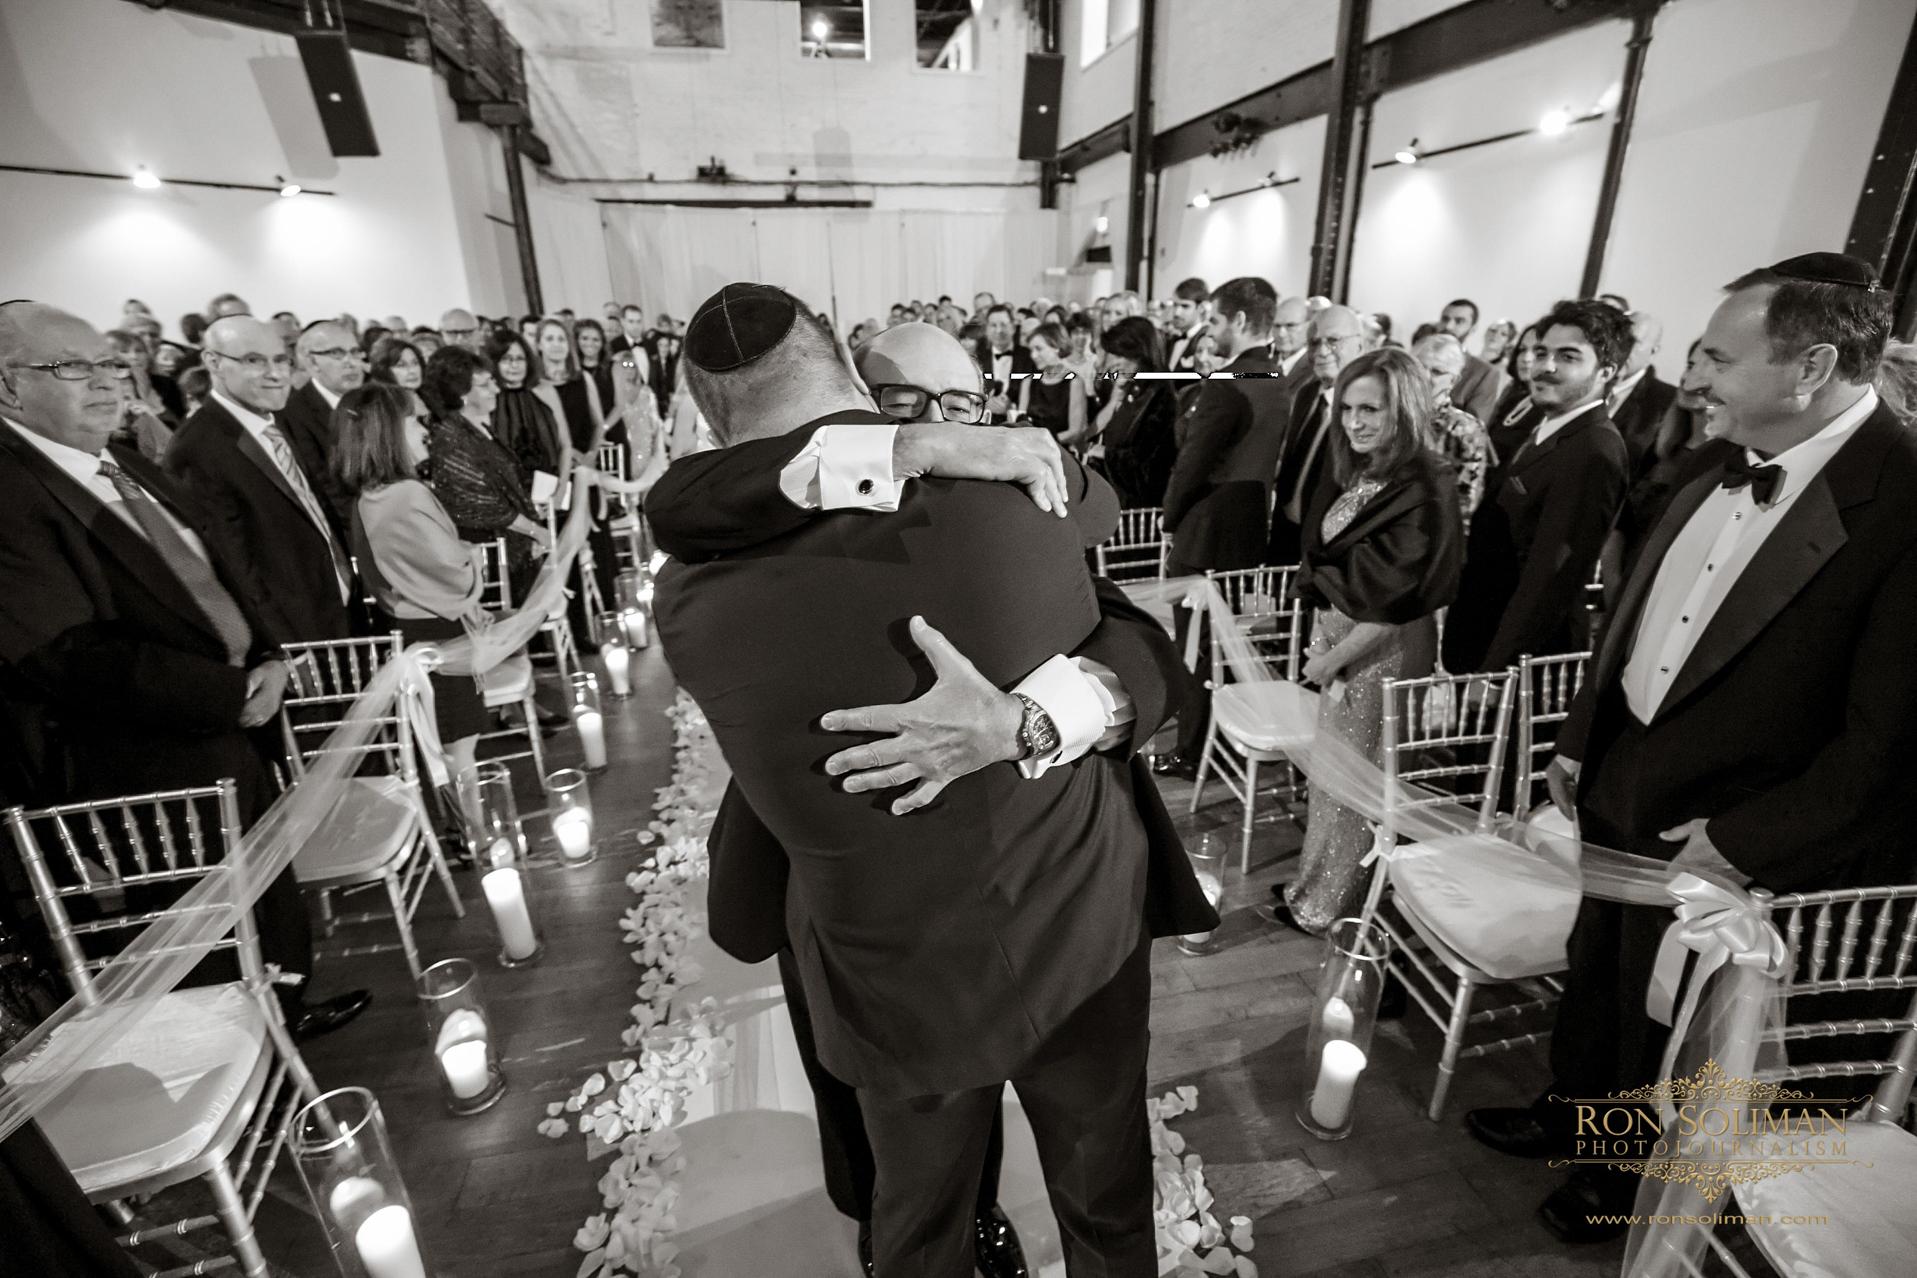 Best Jewish wedding photos